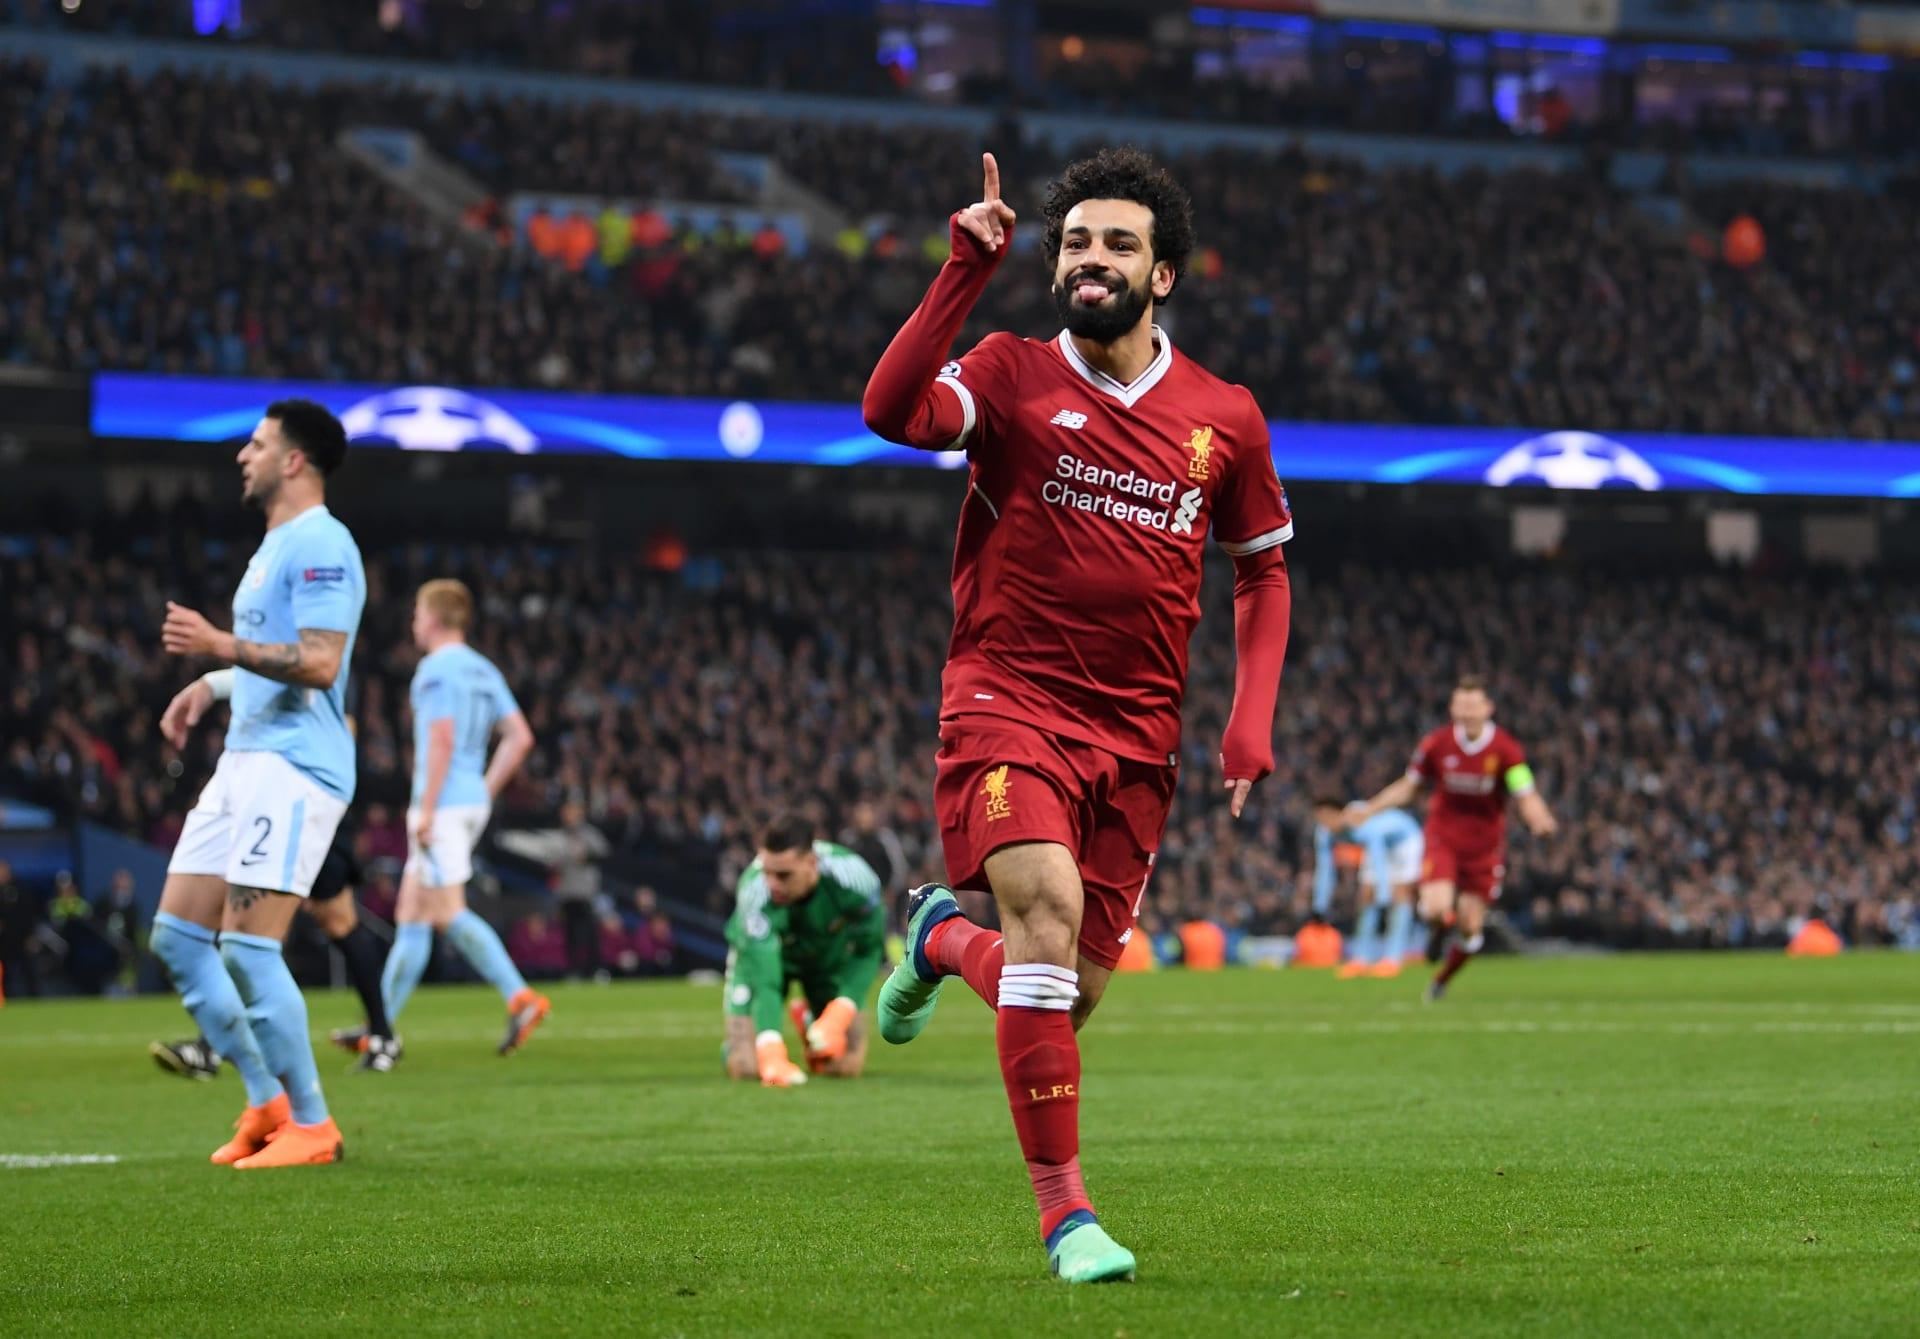 ليفربول ينشر فيديو 50 هدفا لمحمد صلاح: 3 دقائق من المتعة الساحرة